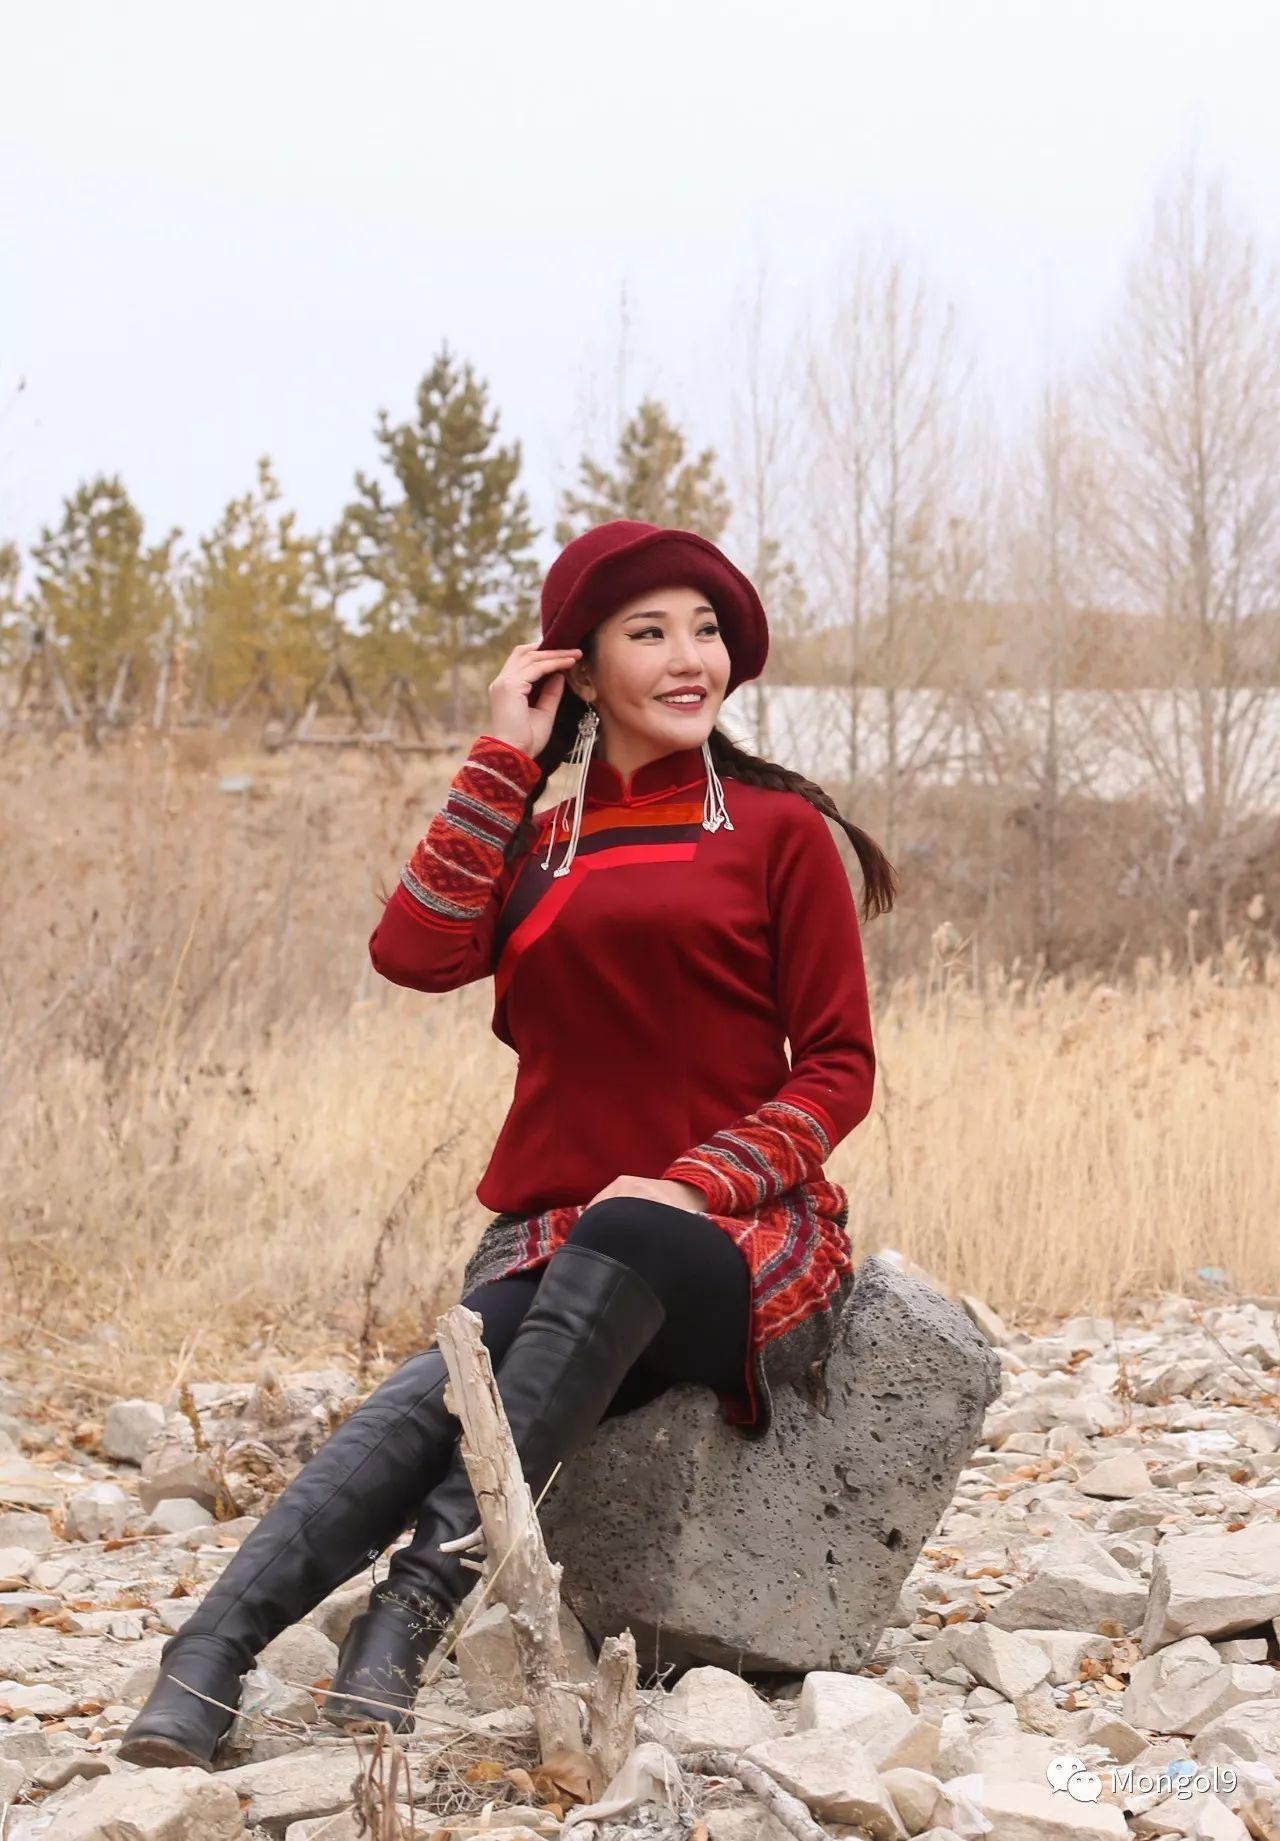 为我的蒙古闺蜜们而设计 第10张 为我的蒙古闺蜜们而设计 蒙古服饰